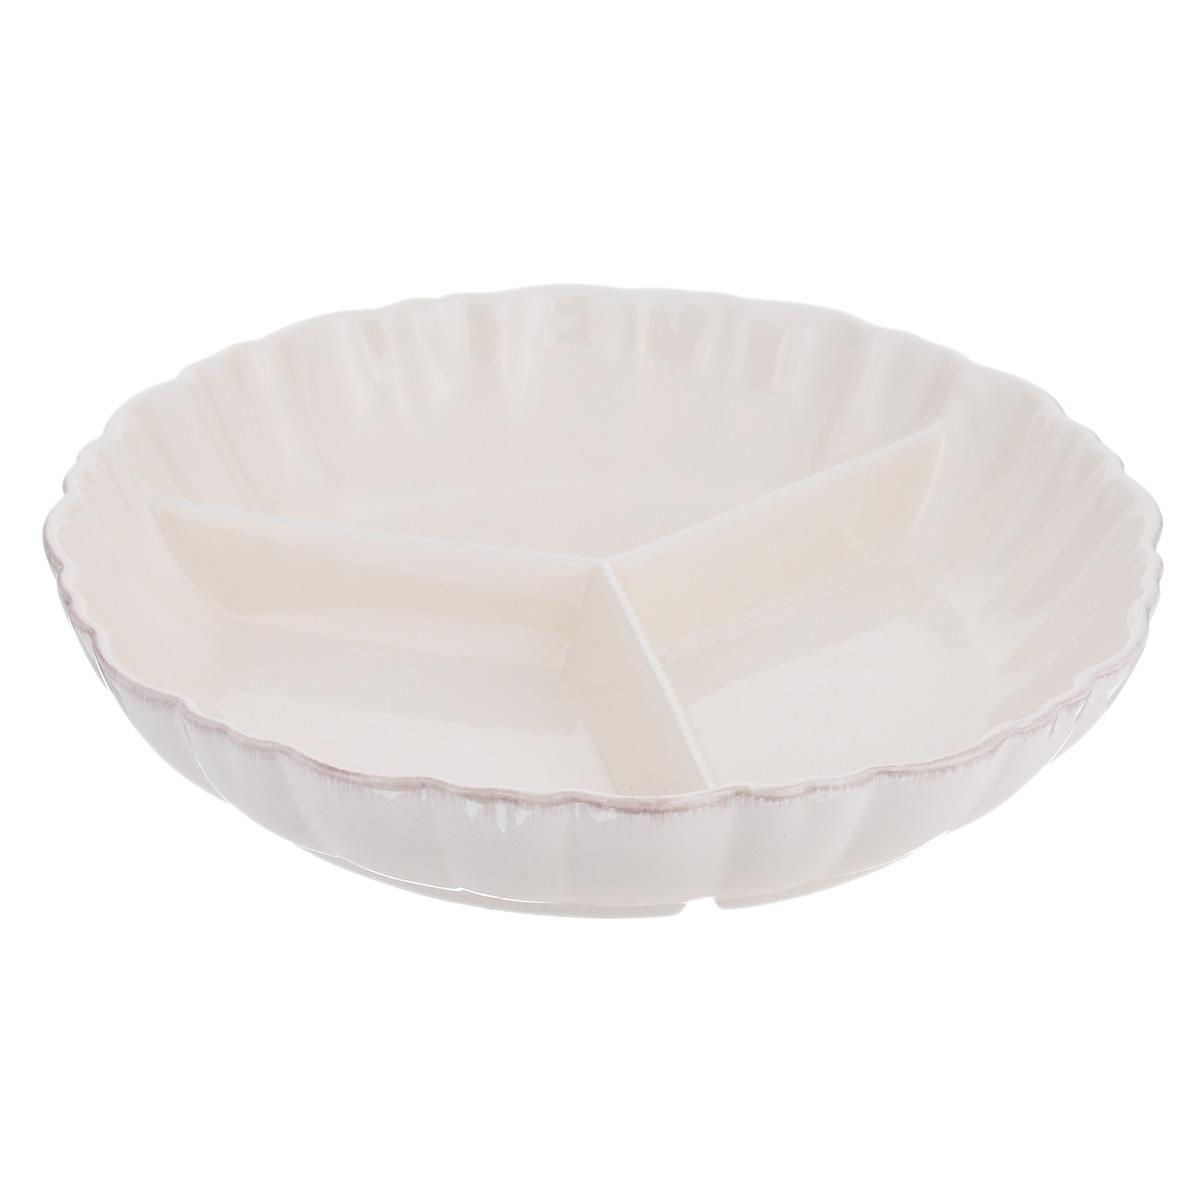 Менажница Lillo Ideal, цвет: молочный, 3 секции. 214948214948Изящная менажница Lillo Ideal, выполненная из керамики, состоит из трех секций. Изделие оснащено рельефными волнистыми стенками. Некоторые блюда можно подавать только в менажнице, чтобы не произошло смешение вкусовых оттенков гарниров. Также менажница может быть использована в качестве посуды для нескольких видов салатов или закусок. Менажница Lillo Ideal станет замечательной деталью сервировки и великолепным украшением праздничного стола. Можно использовать в посудомоечной машине и микроволновой печи. Диаметр менажницы: 23 см. Размер секции менажницы: 17 см х 11 см. Высота стенки менажницы: 4,5 см.